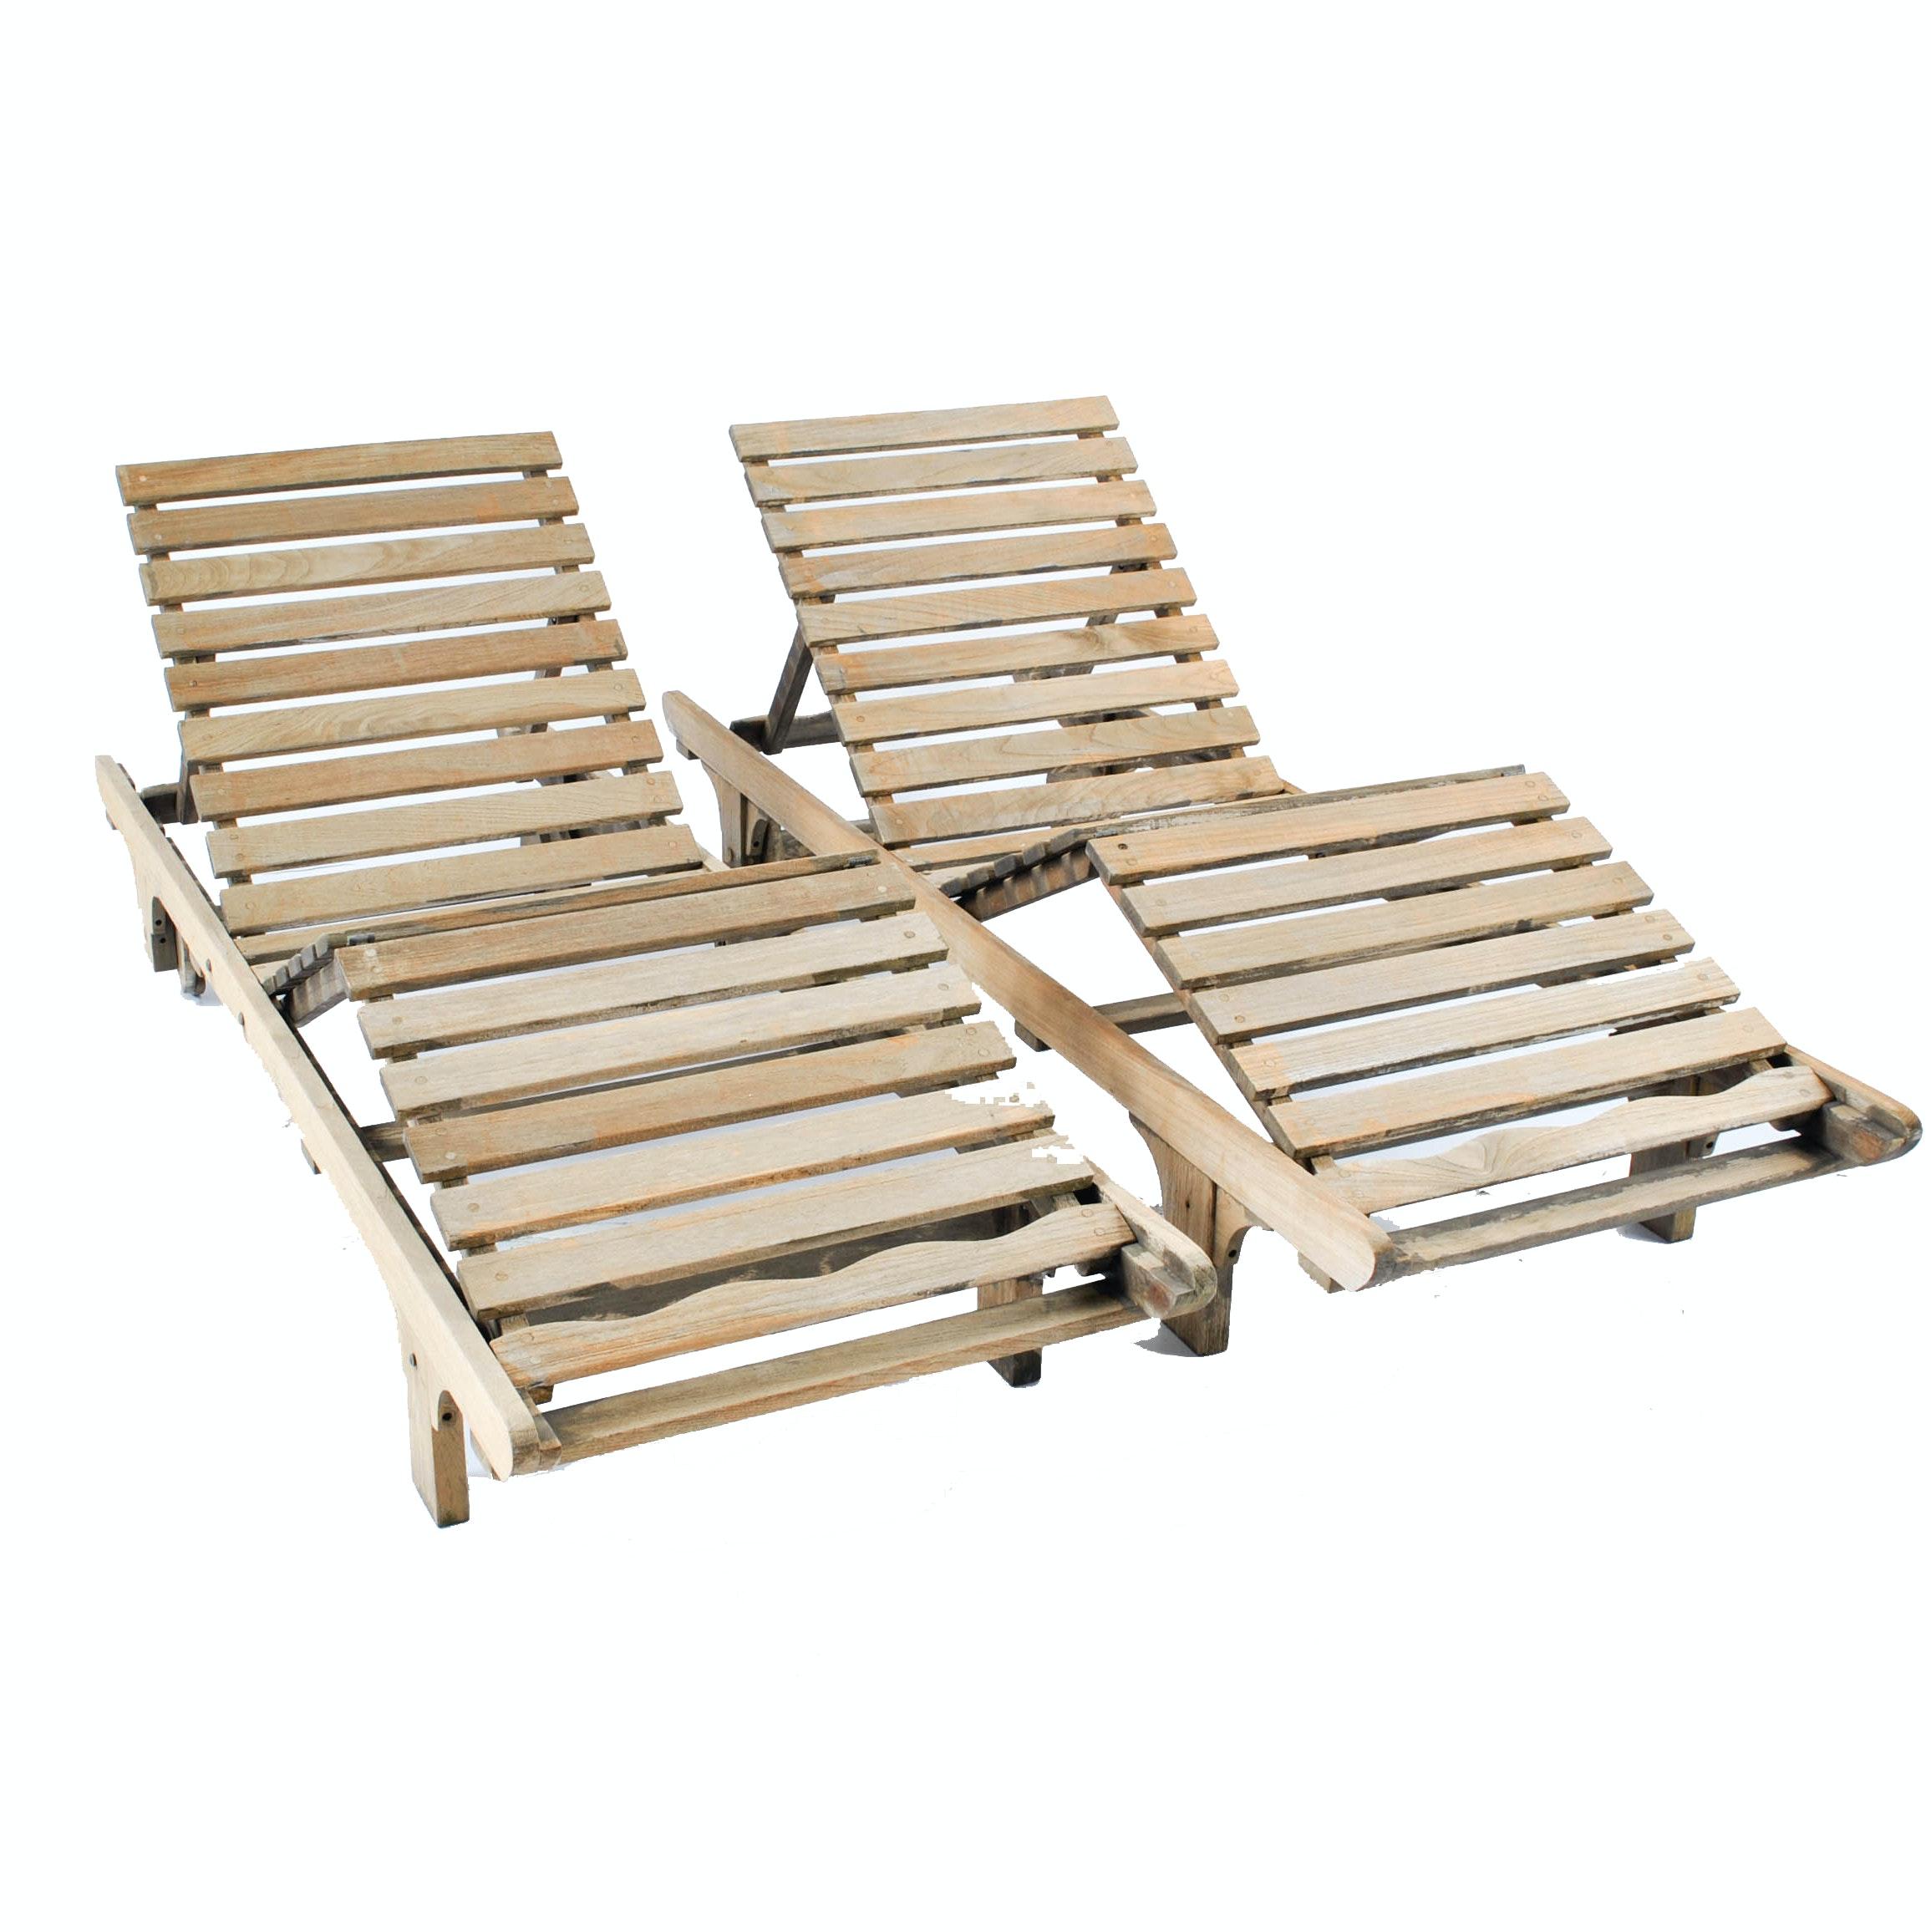 Teak Patio Lounge Chairs